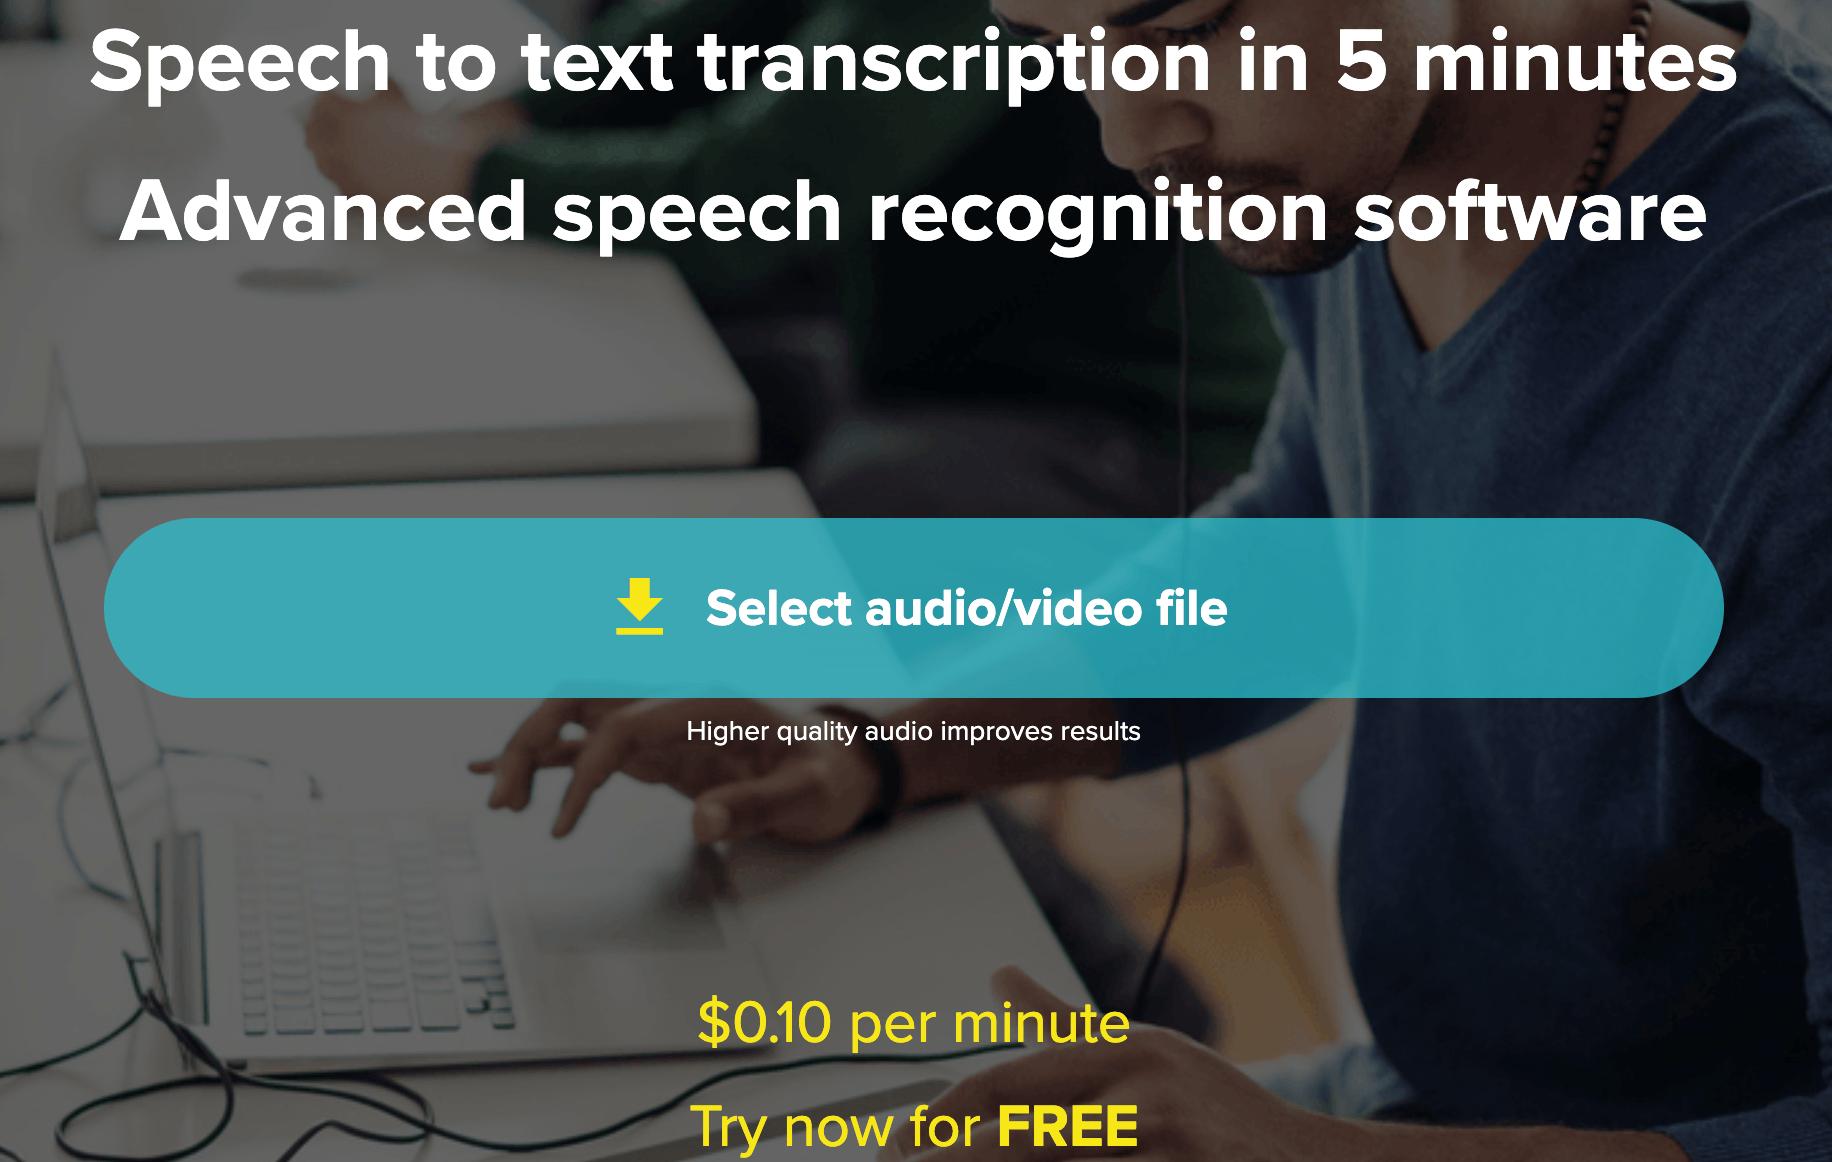 temi transcription service